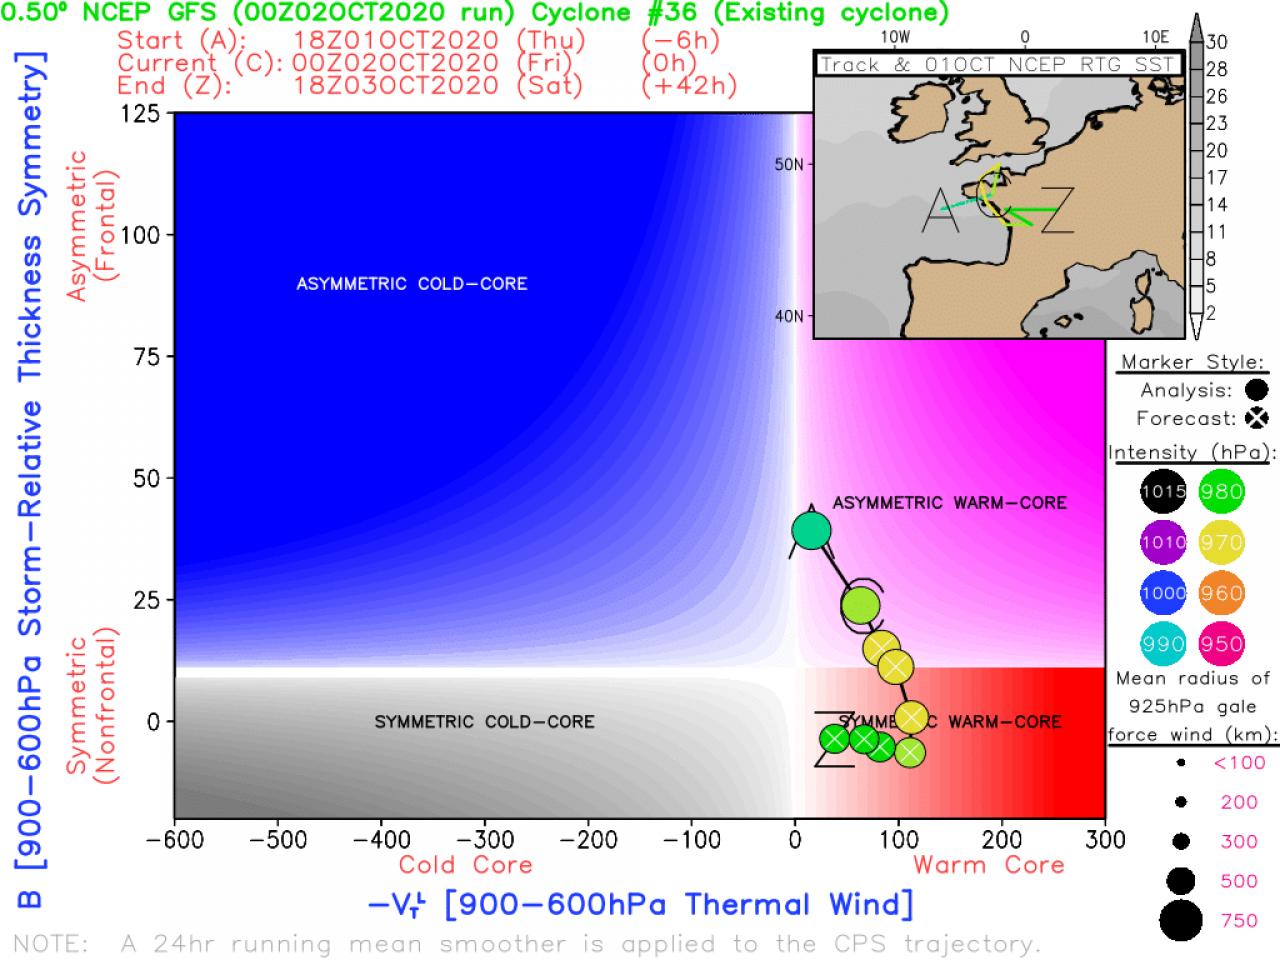 diagramma che evidenzia l'evoluzione del ciclone a cuore caldo